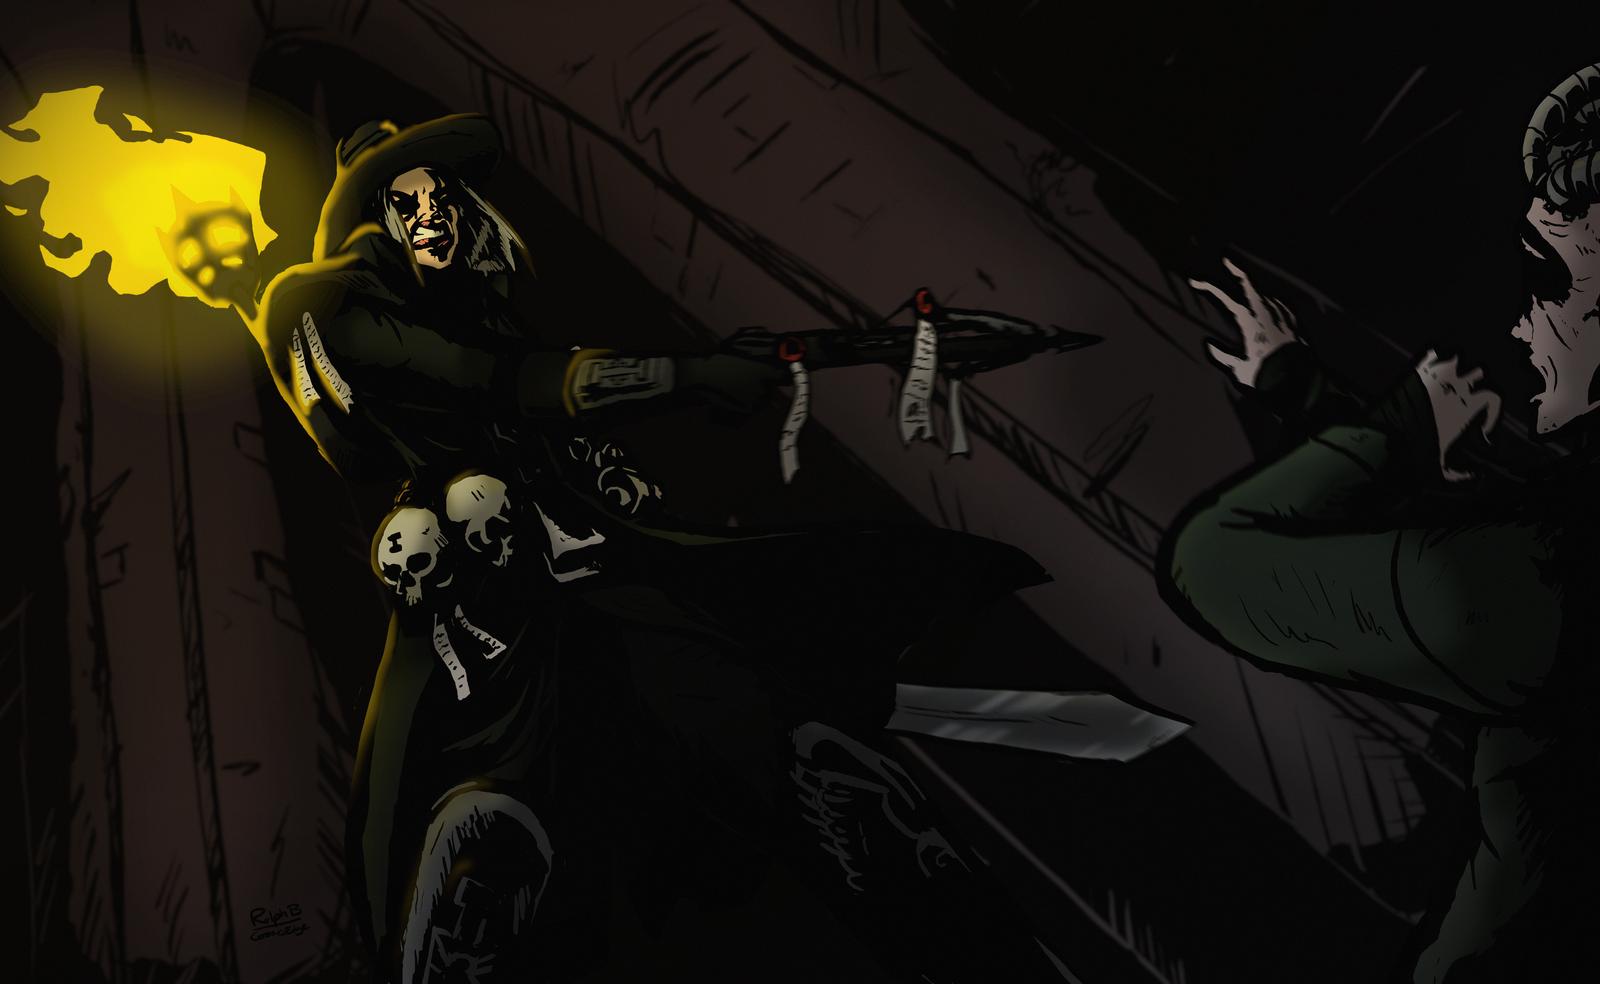 Die, Heretic! by CorsairsEdge